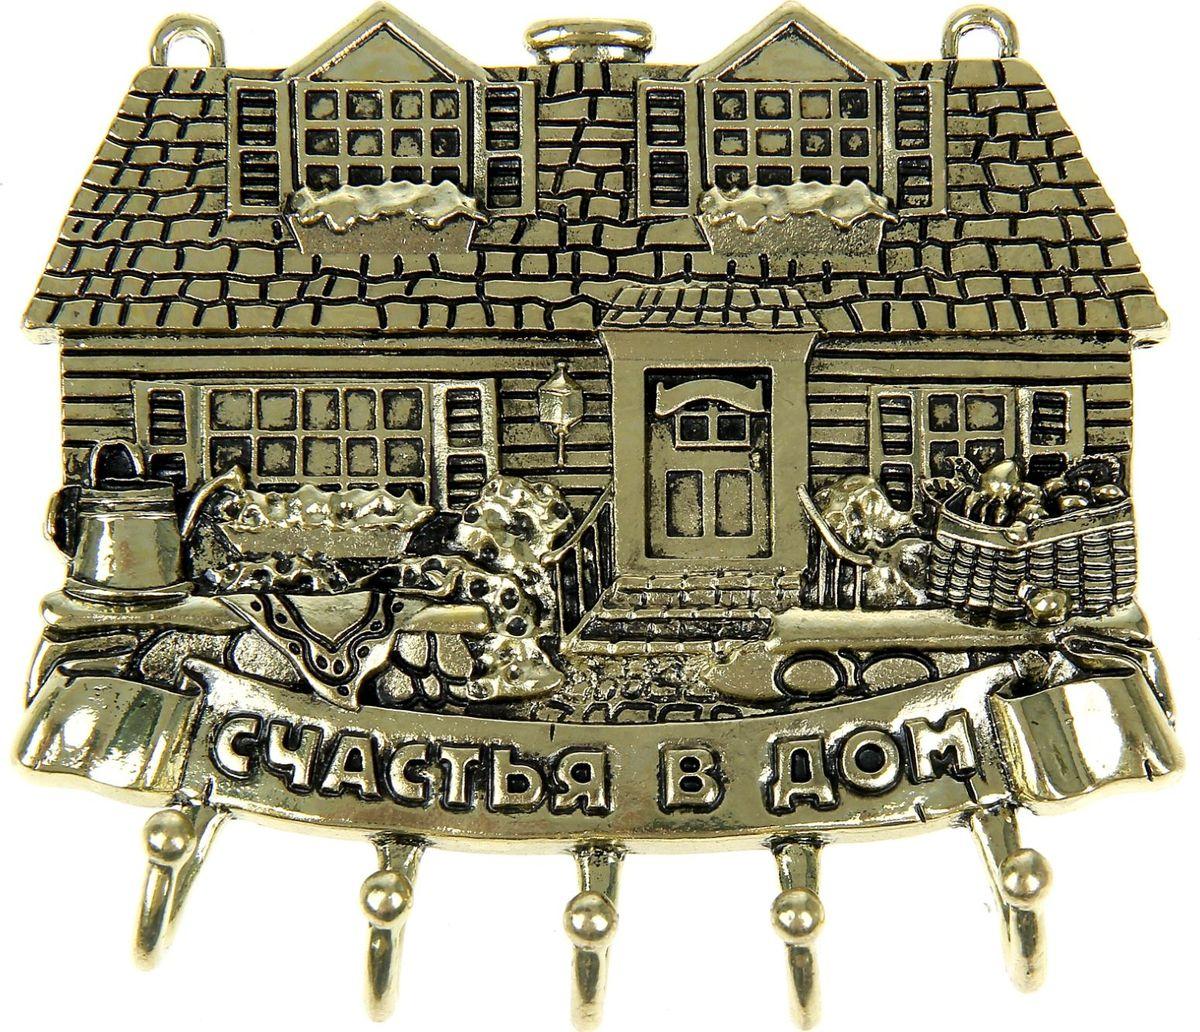 Ключница настенная Счастья в дом, 11 х 9 х 1 см1029814Полезные домашние мелочи не только делают нашу жизнь комфортнее, но и преображают интерьер любого помещения. Чтобы ваши ключи не терялись, а вы всегда знали, где они находятся, поможет Ключница Счастья в дом. Изделие выполнено в эксклюзивном дизайне из металла в оригинальной форме. Такой предмет интерьера, несомненно, станет изюминкой вашего дома. На основе ключницы находятся металлические крючки, а само изделие легко монтируется на стену. Украсьте свой дом красивыми и функциональными мелочами!